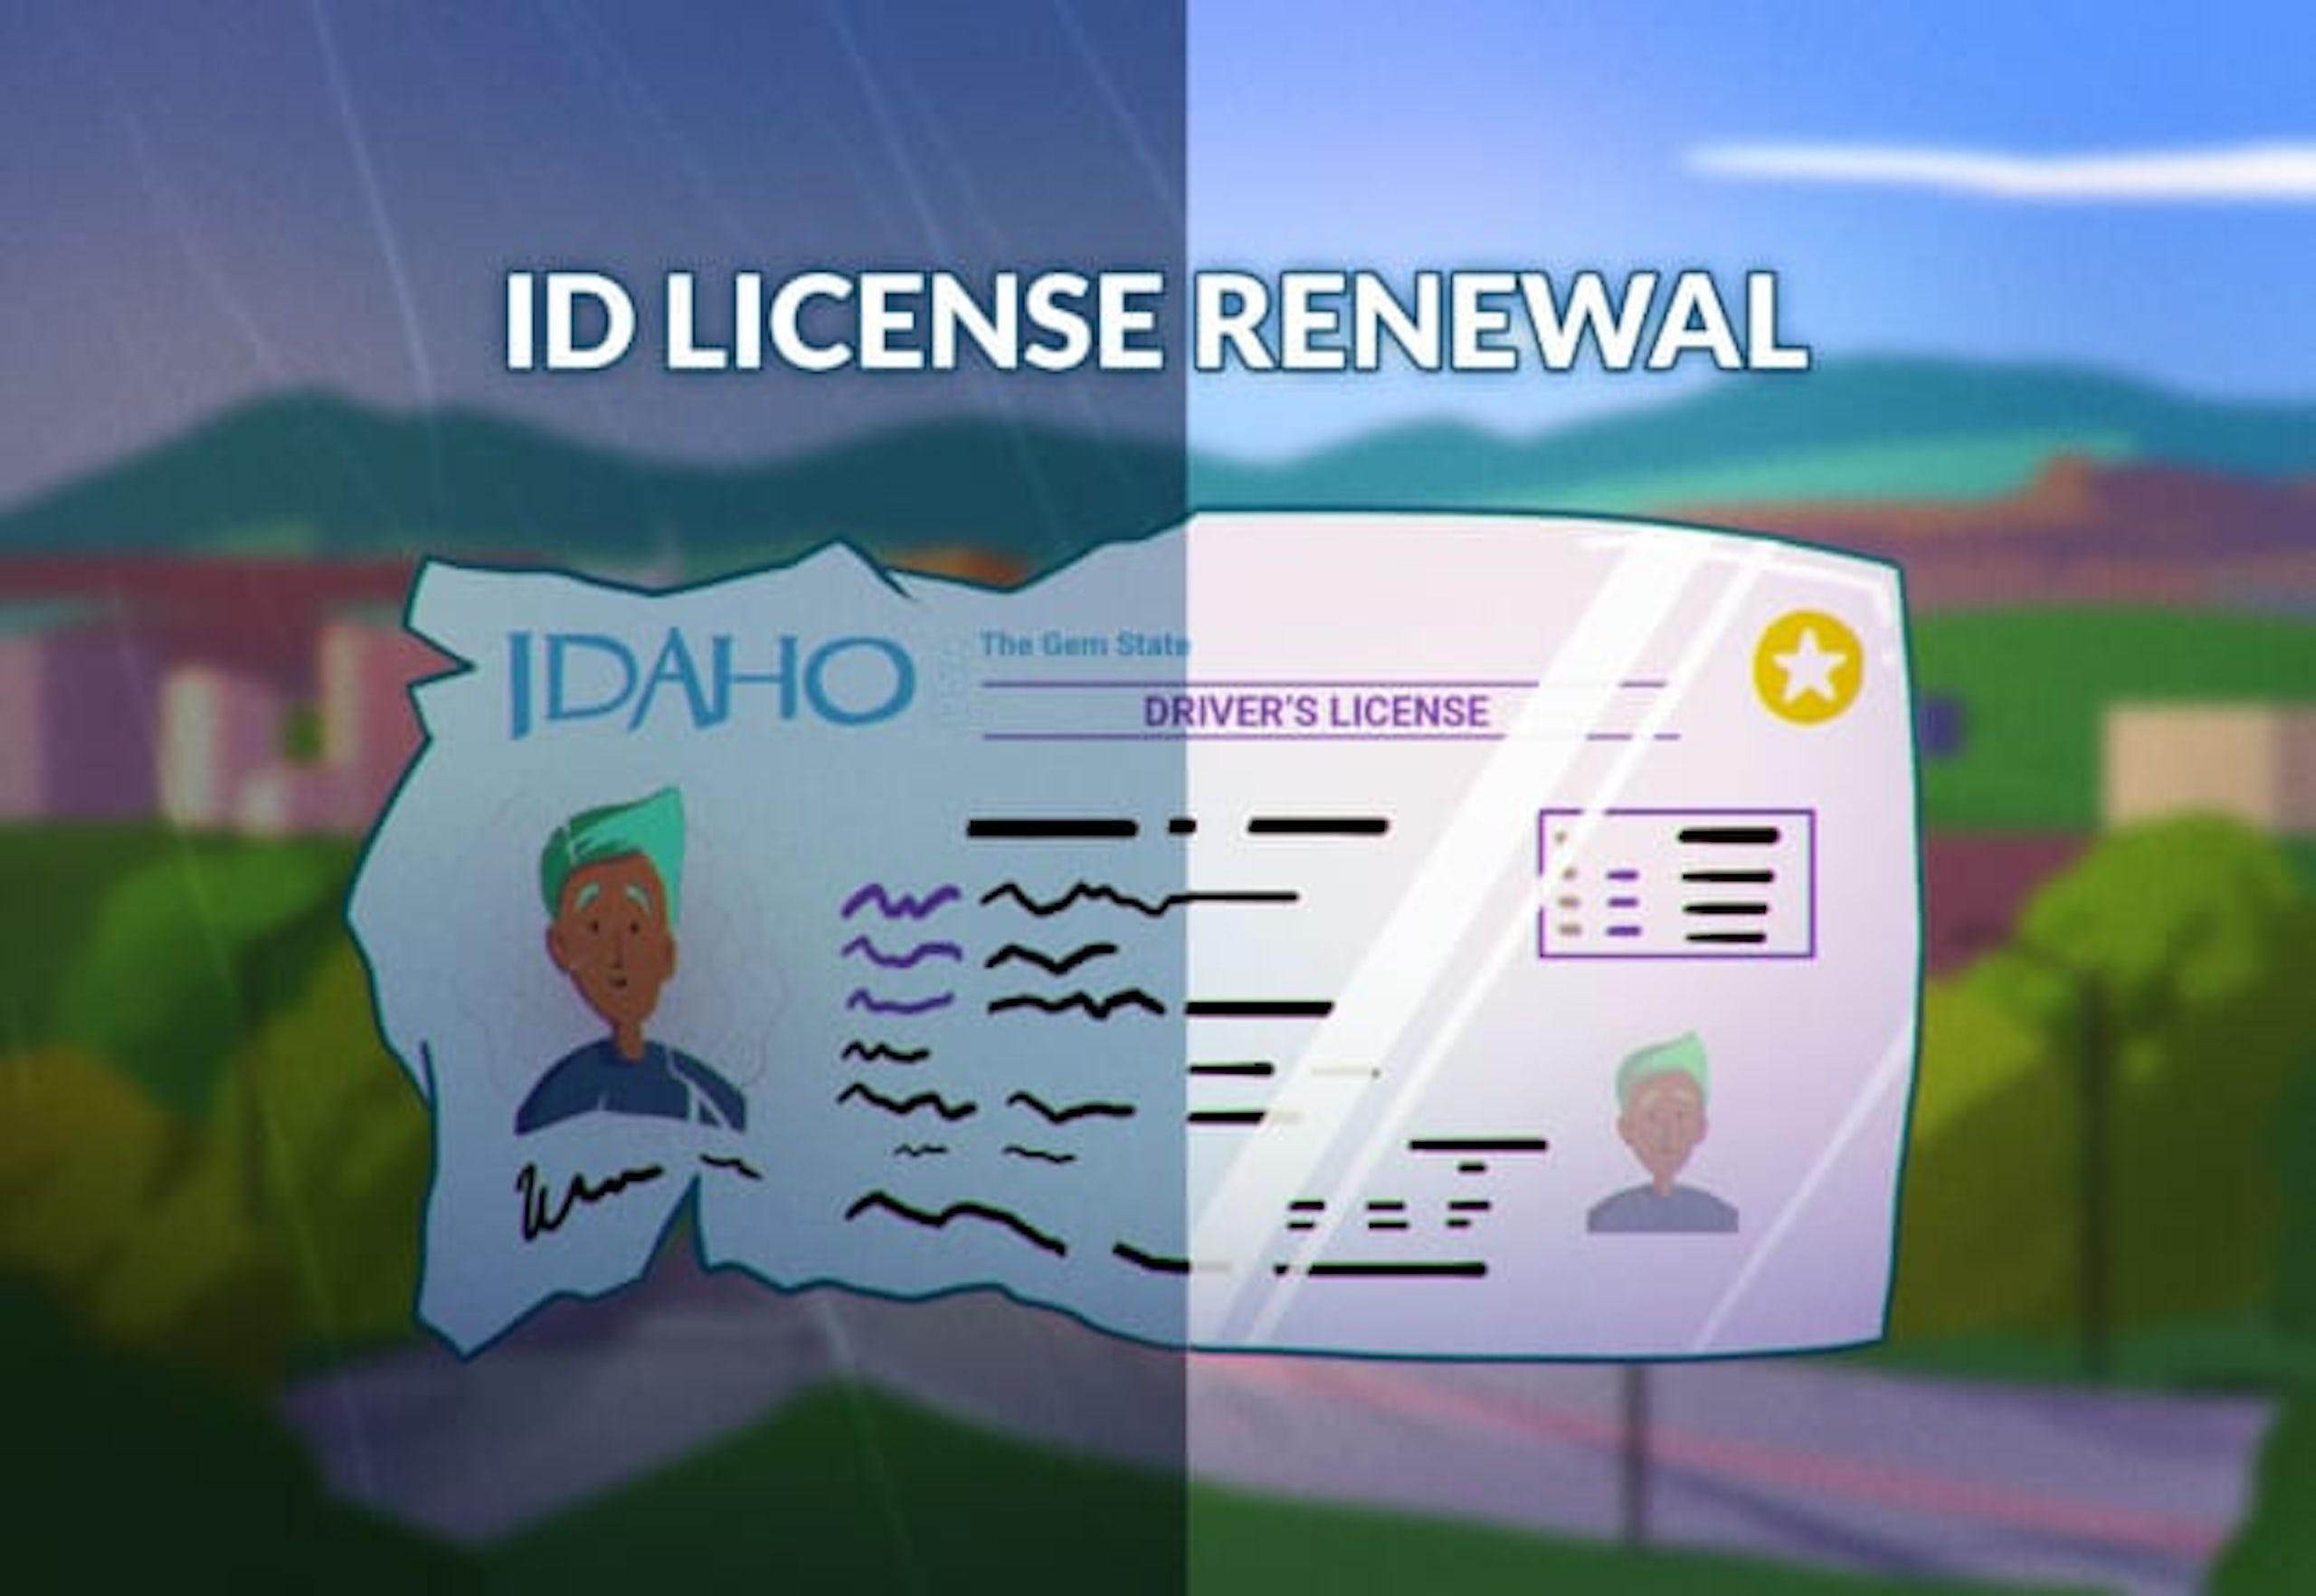 Idaho Driver's License Renewal